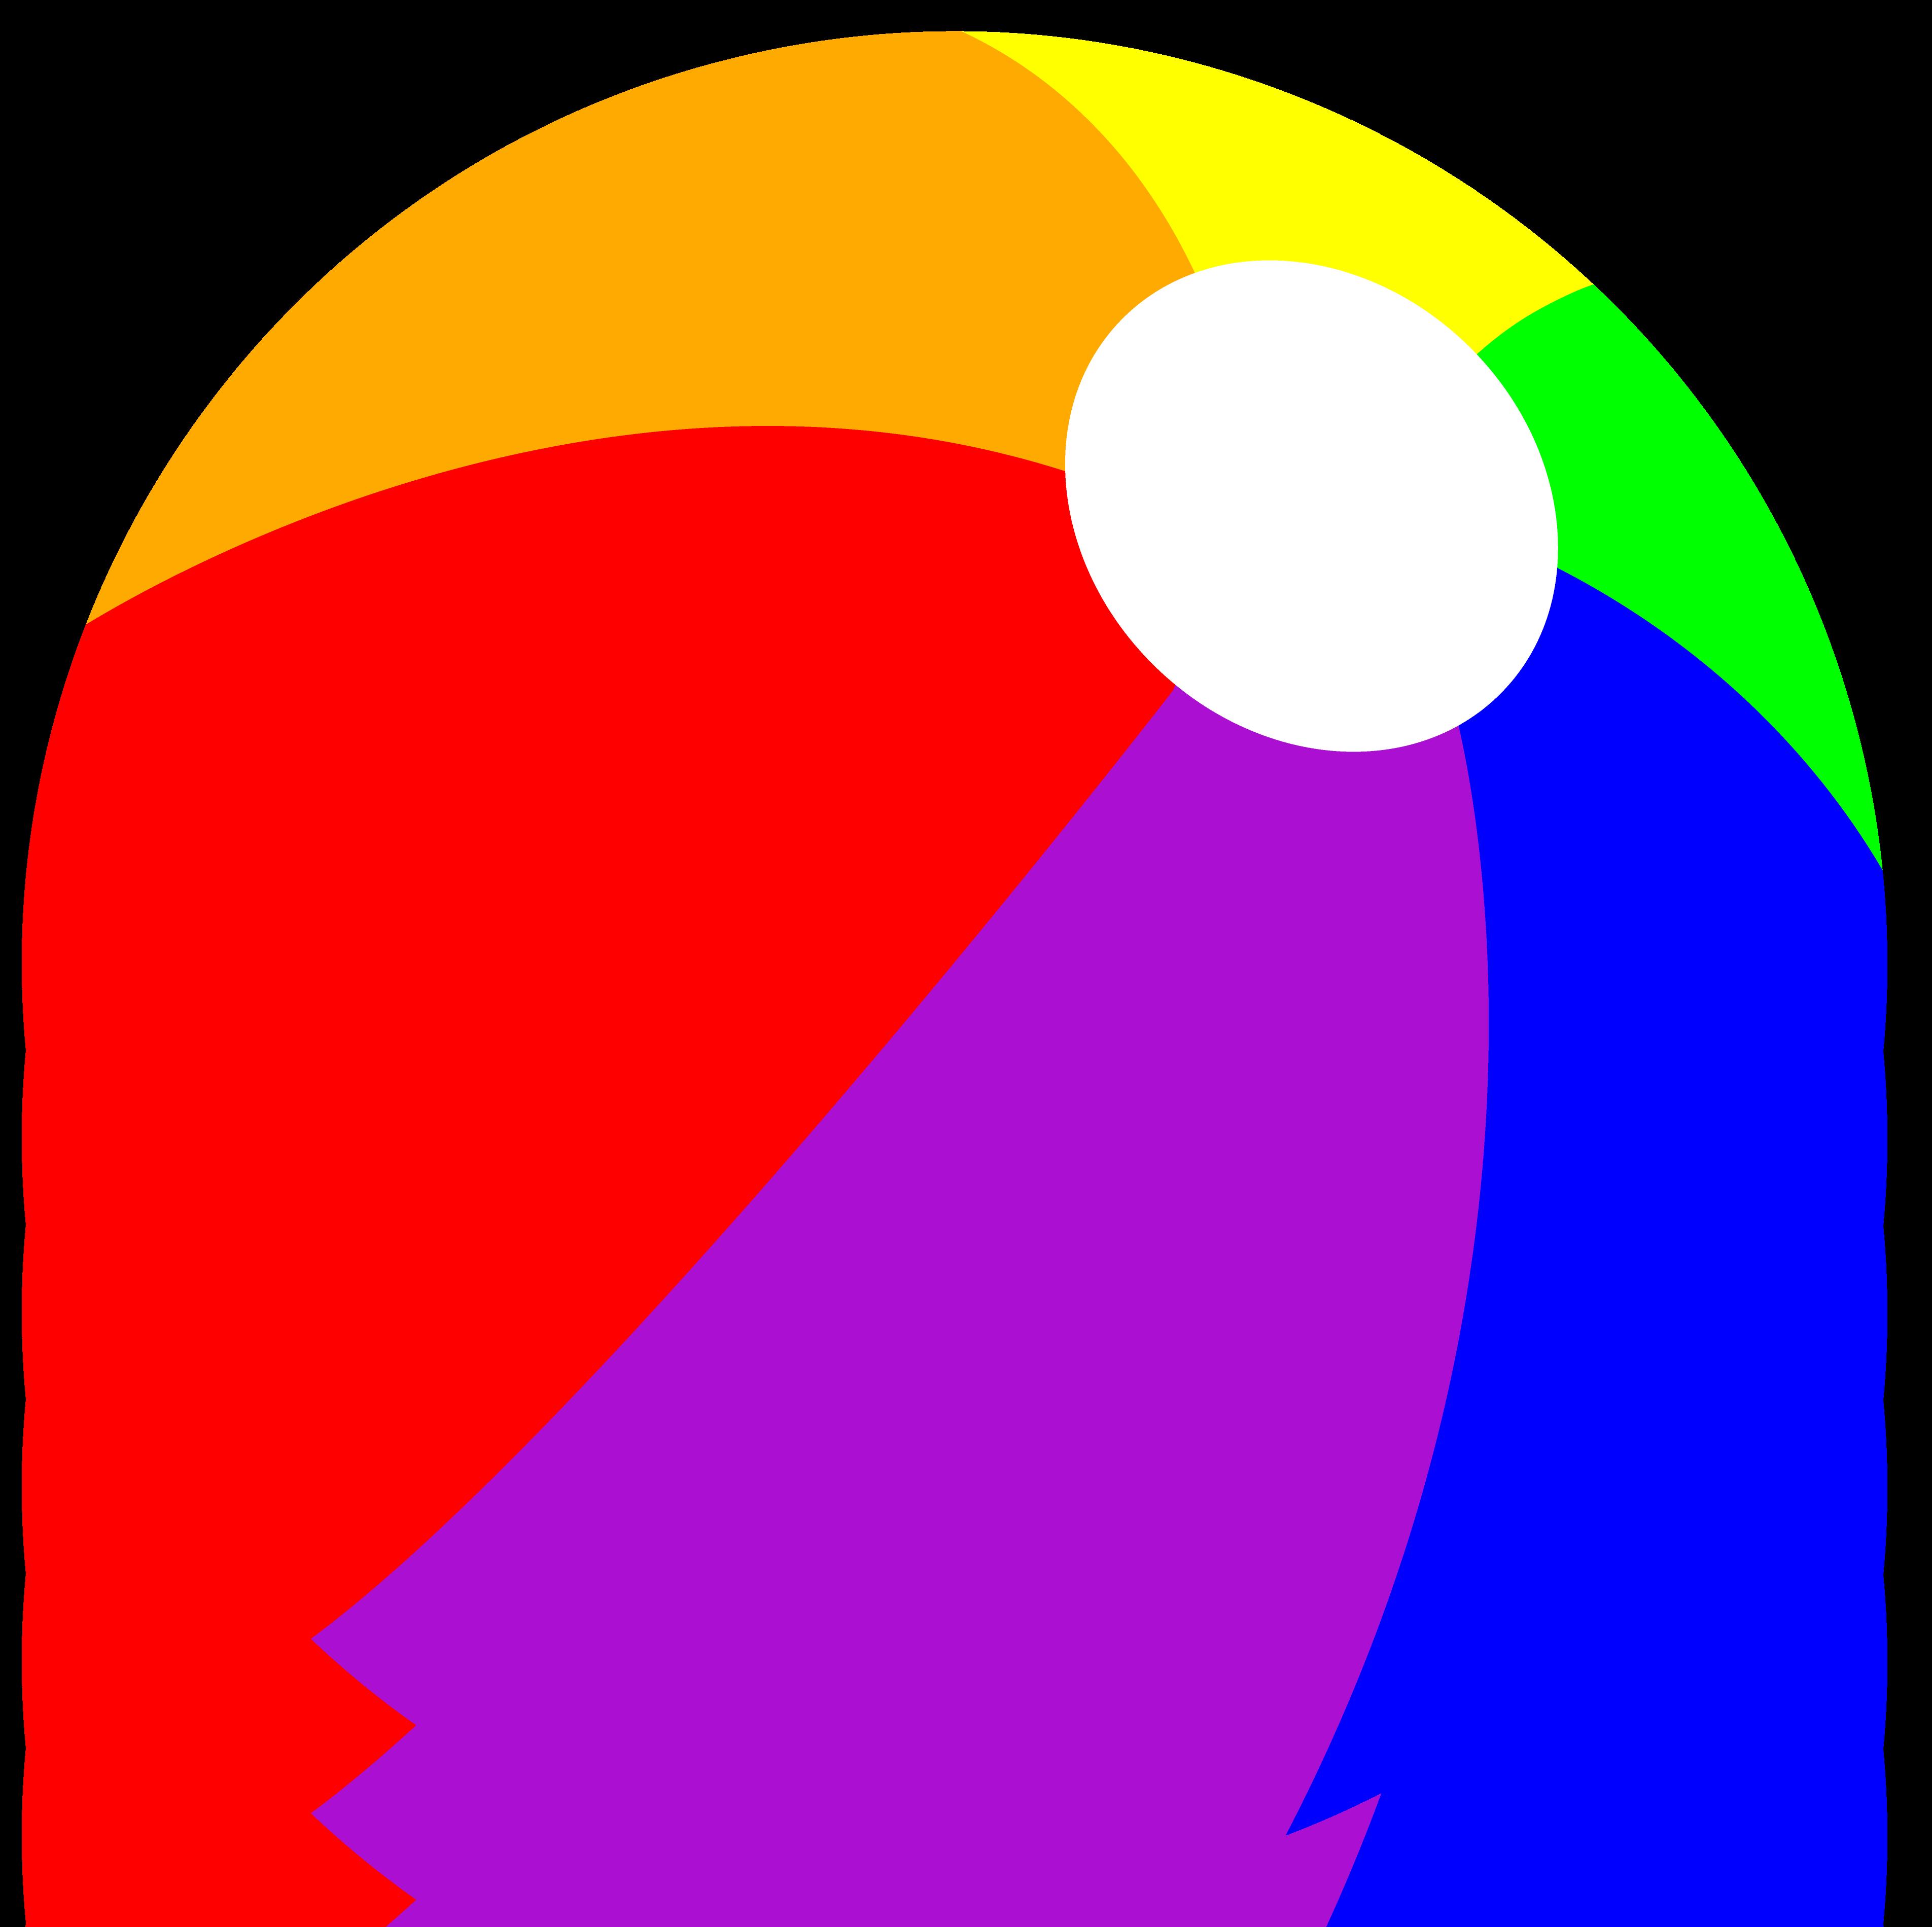 Clip Art Ball-Clip Art Ball-5